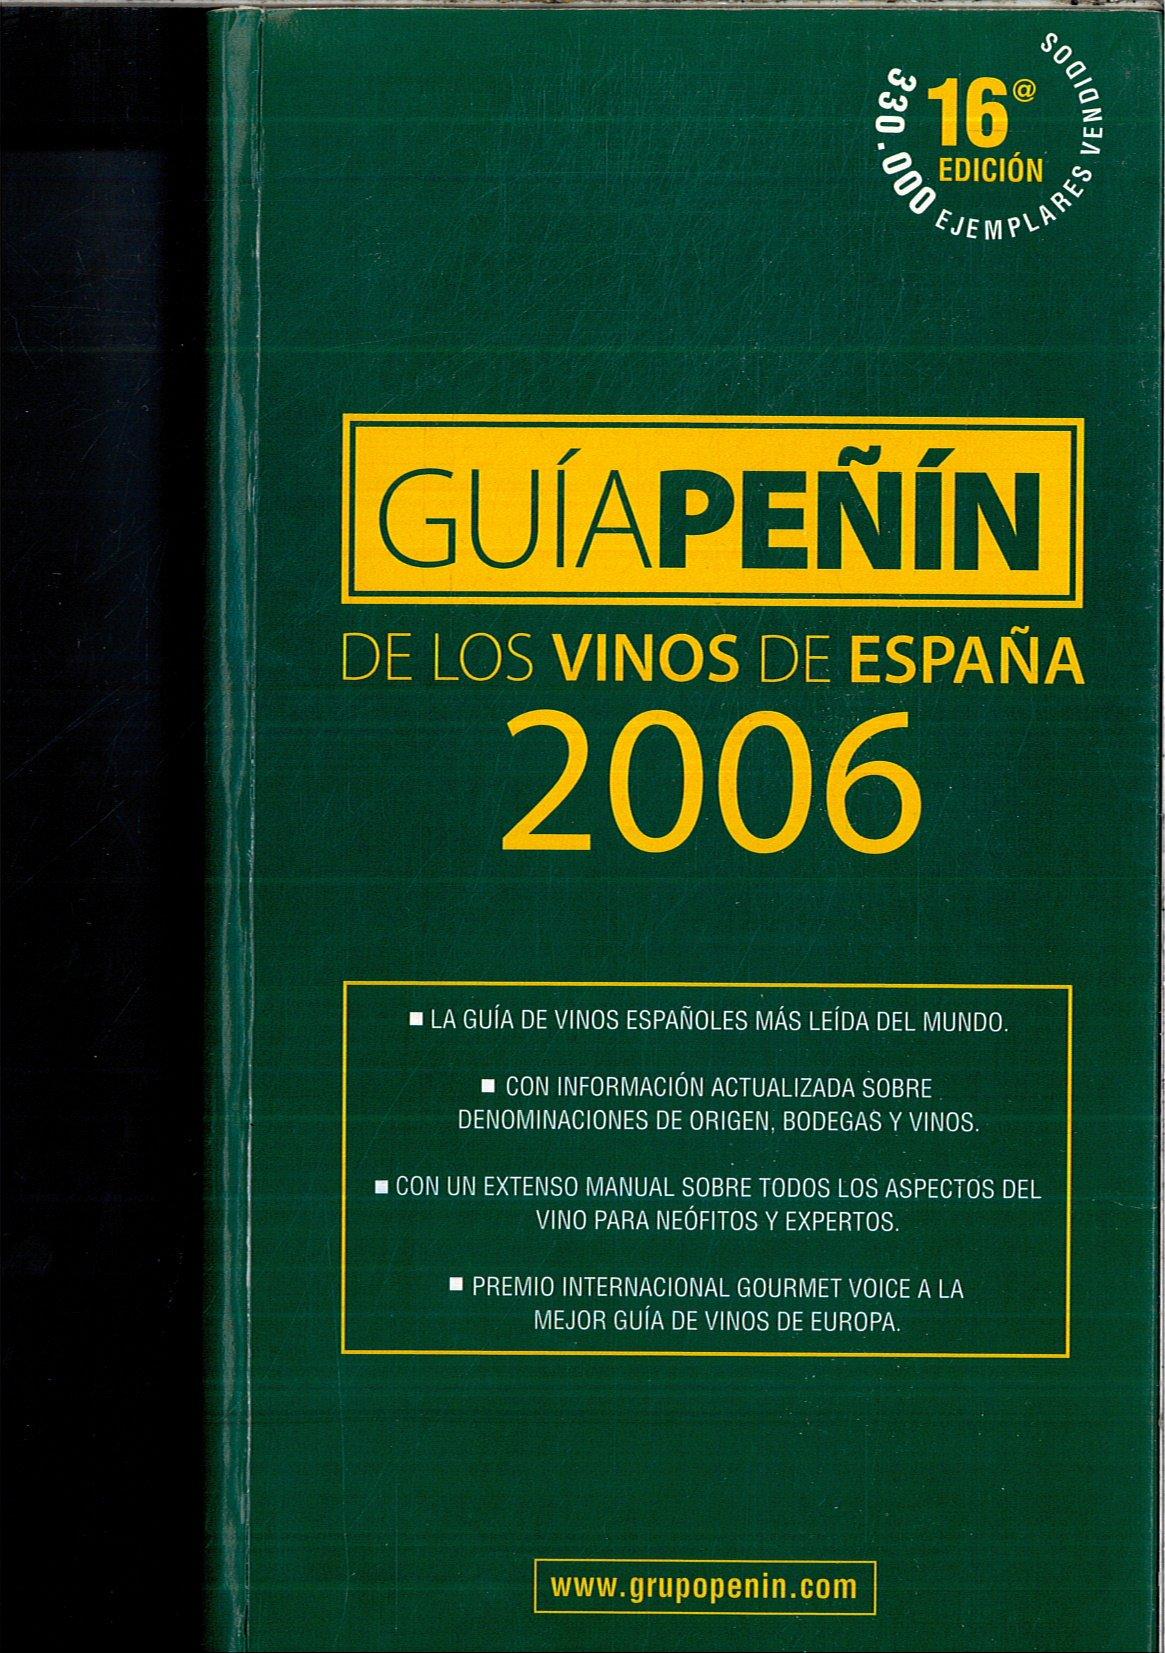 Guia peñin 2006 de los vinos de España: Amazon.es: Peñin, Jose: Libros